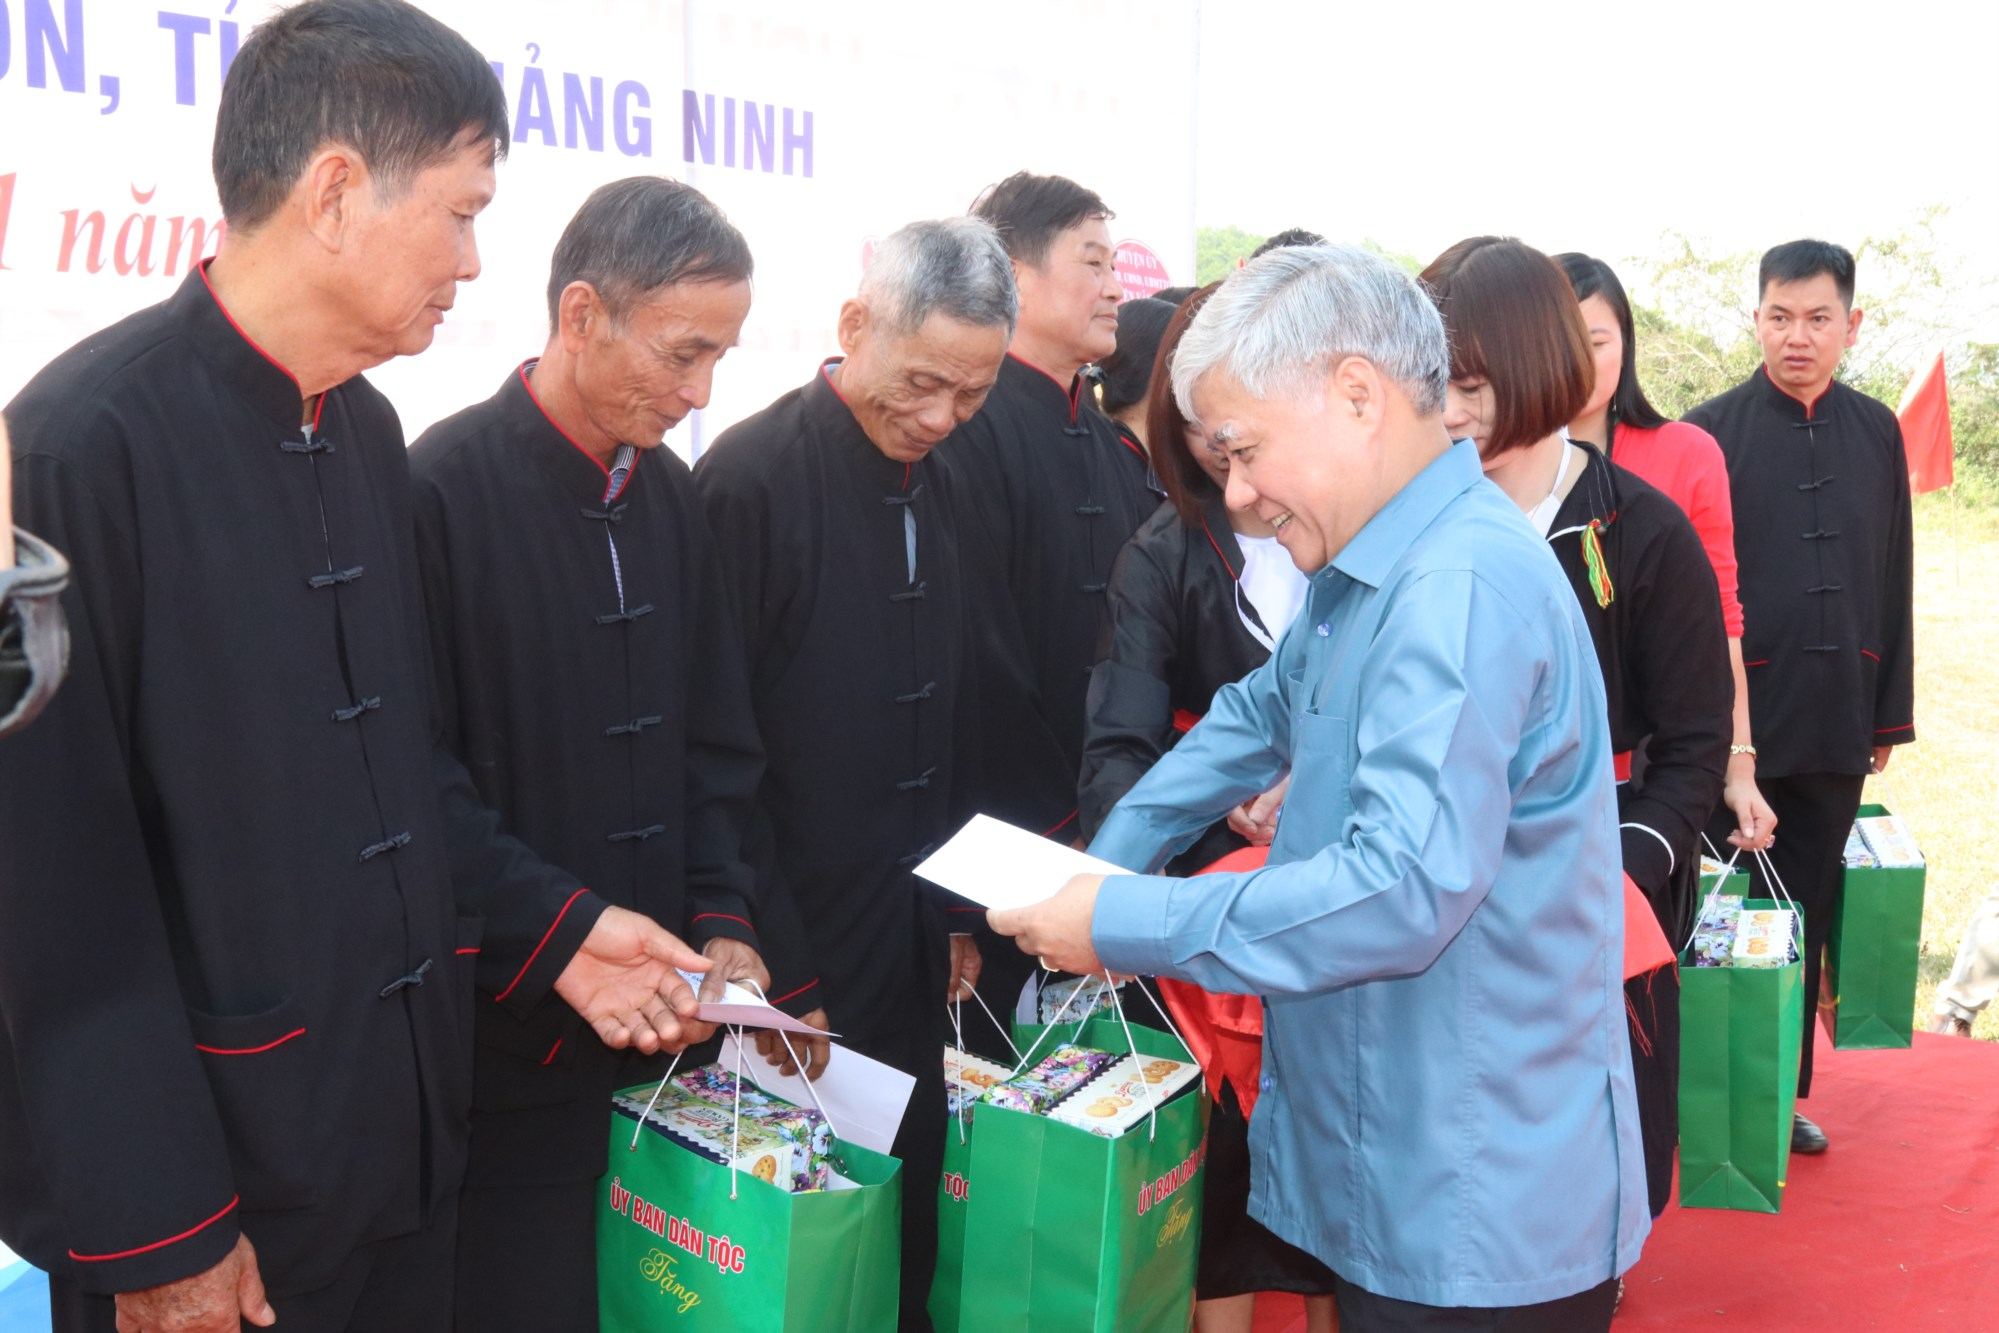 Bộ trưởng, Chủ nhiệm UBDT Đỗ Văn Chiến tặng quà cho các hộ gia đình, cá nhân tiêu biểu trên địa bàn xã.